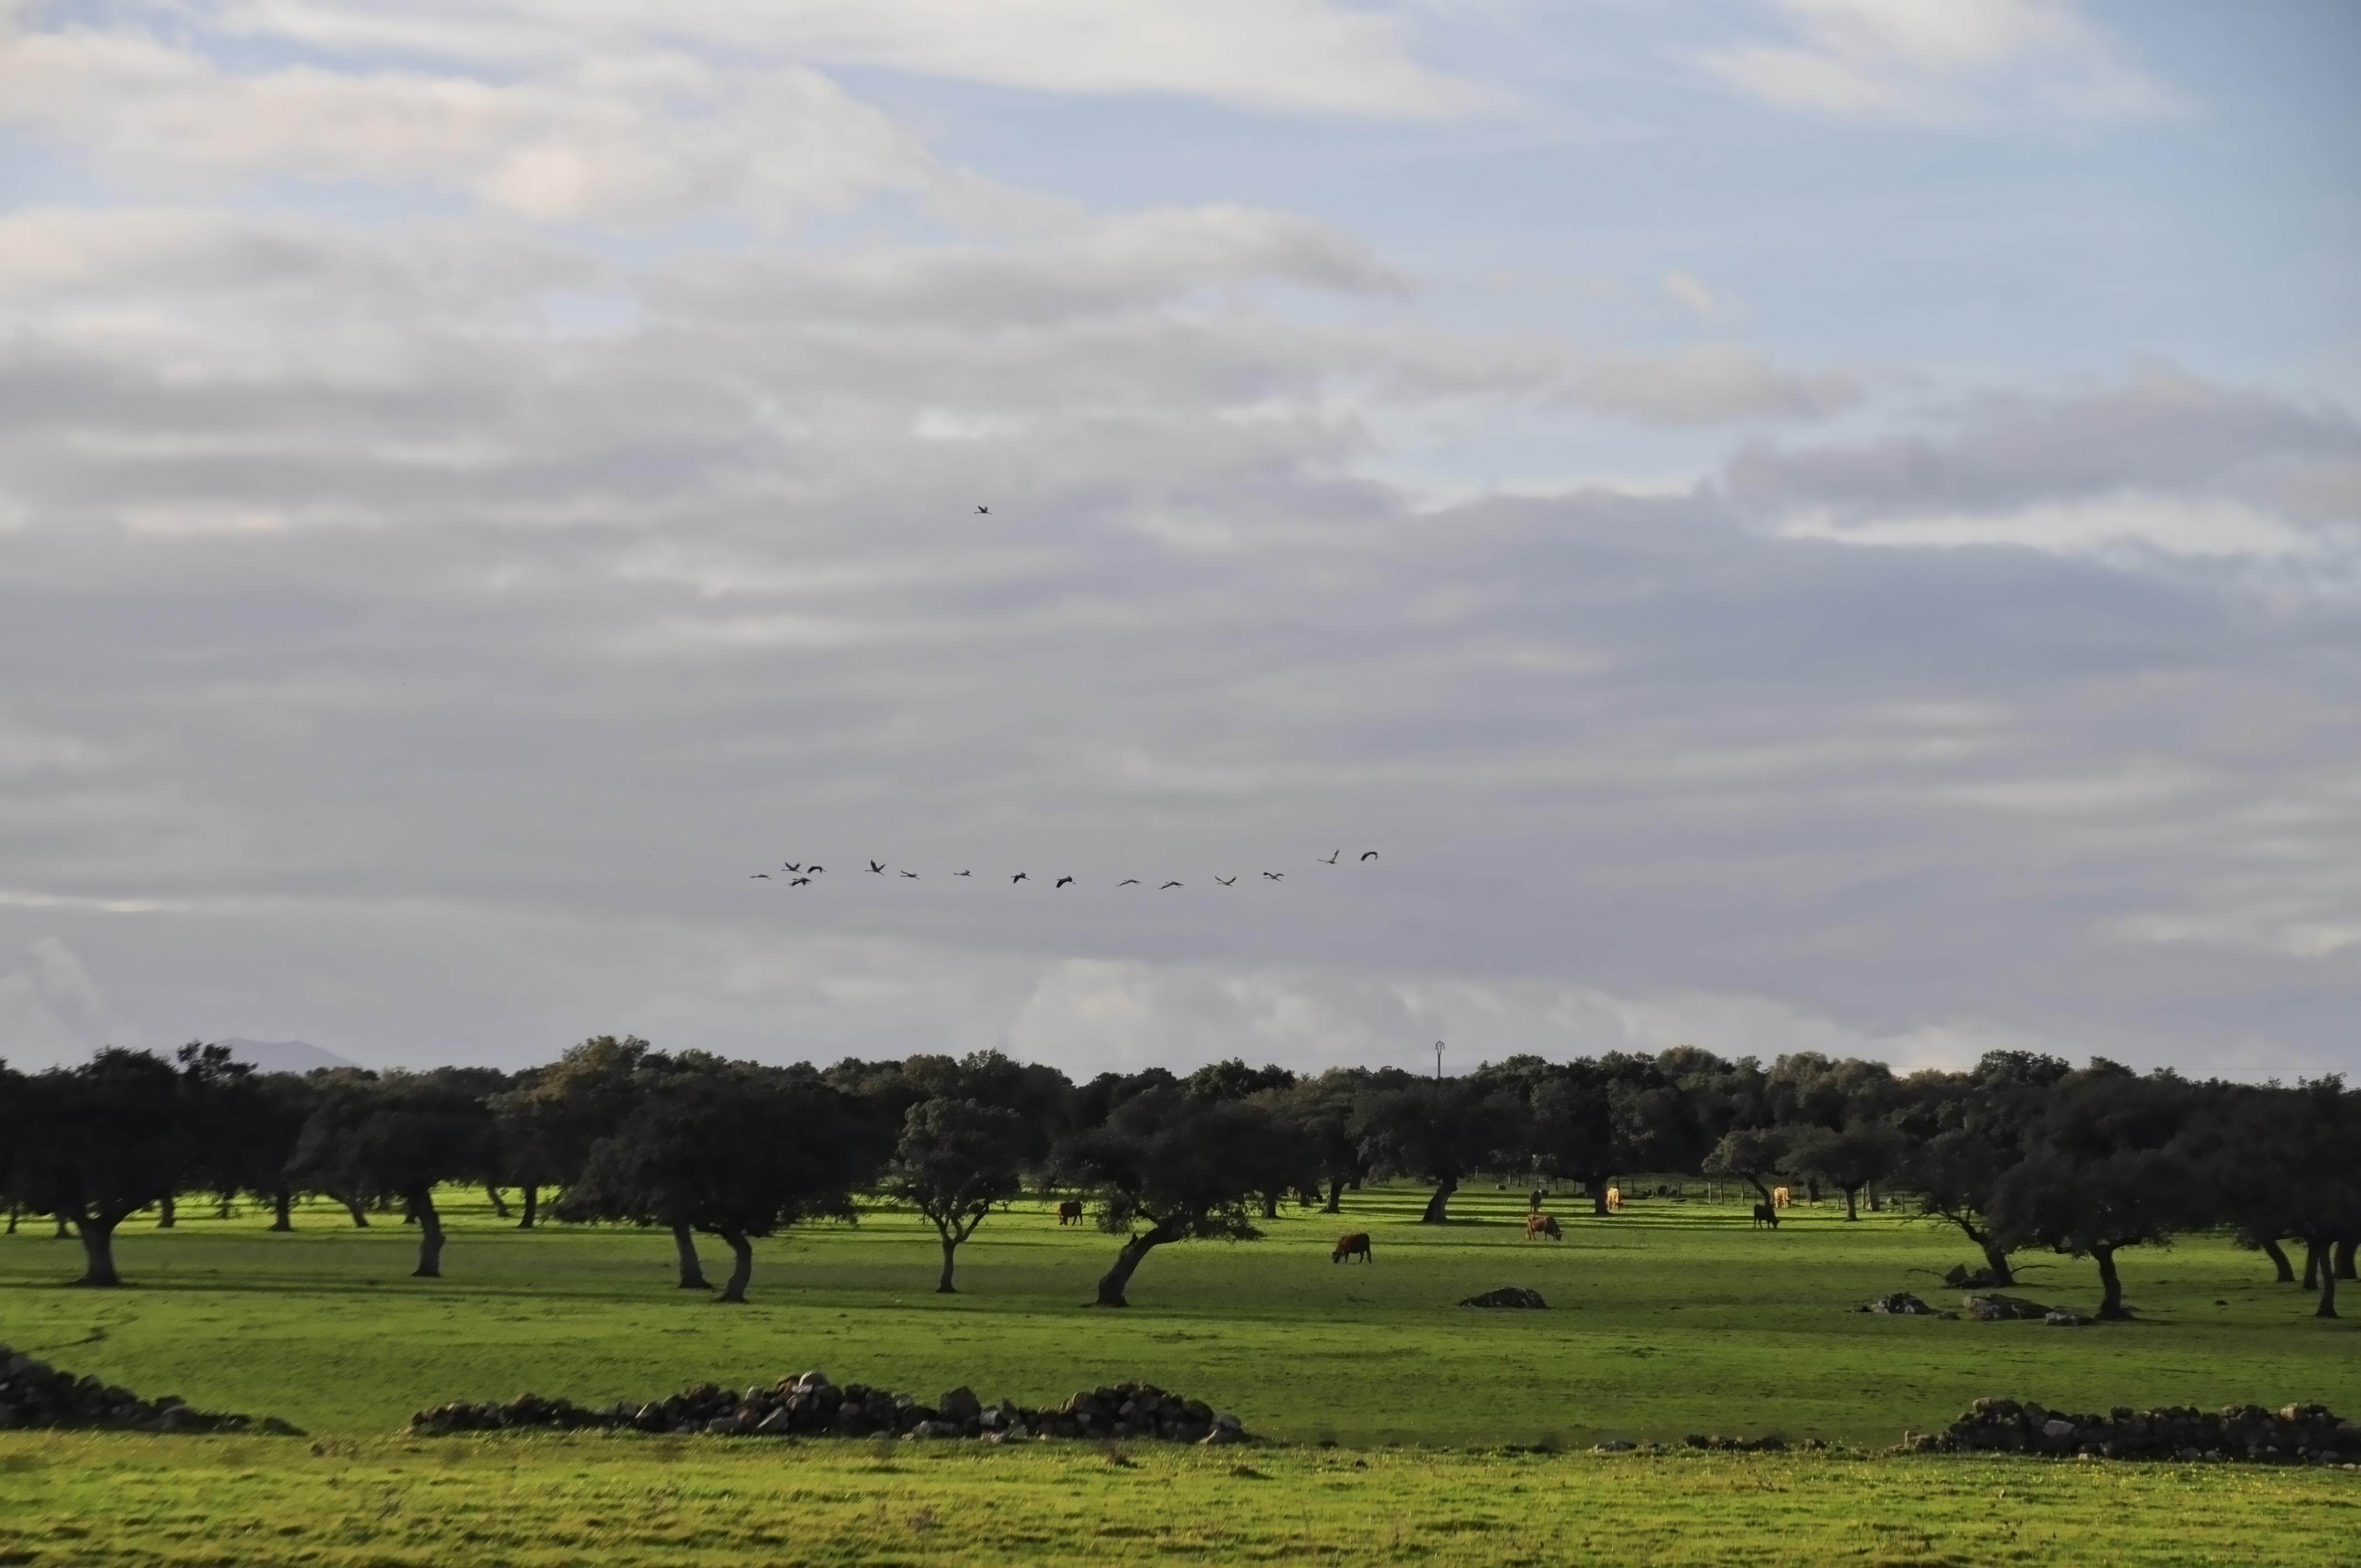 Grullas y Vacas, Nature, Outdoor, Sky, Naturaleza, HQ Photo